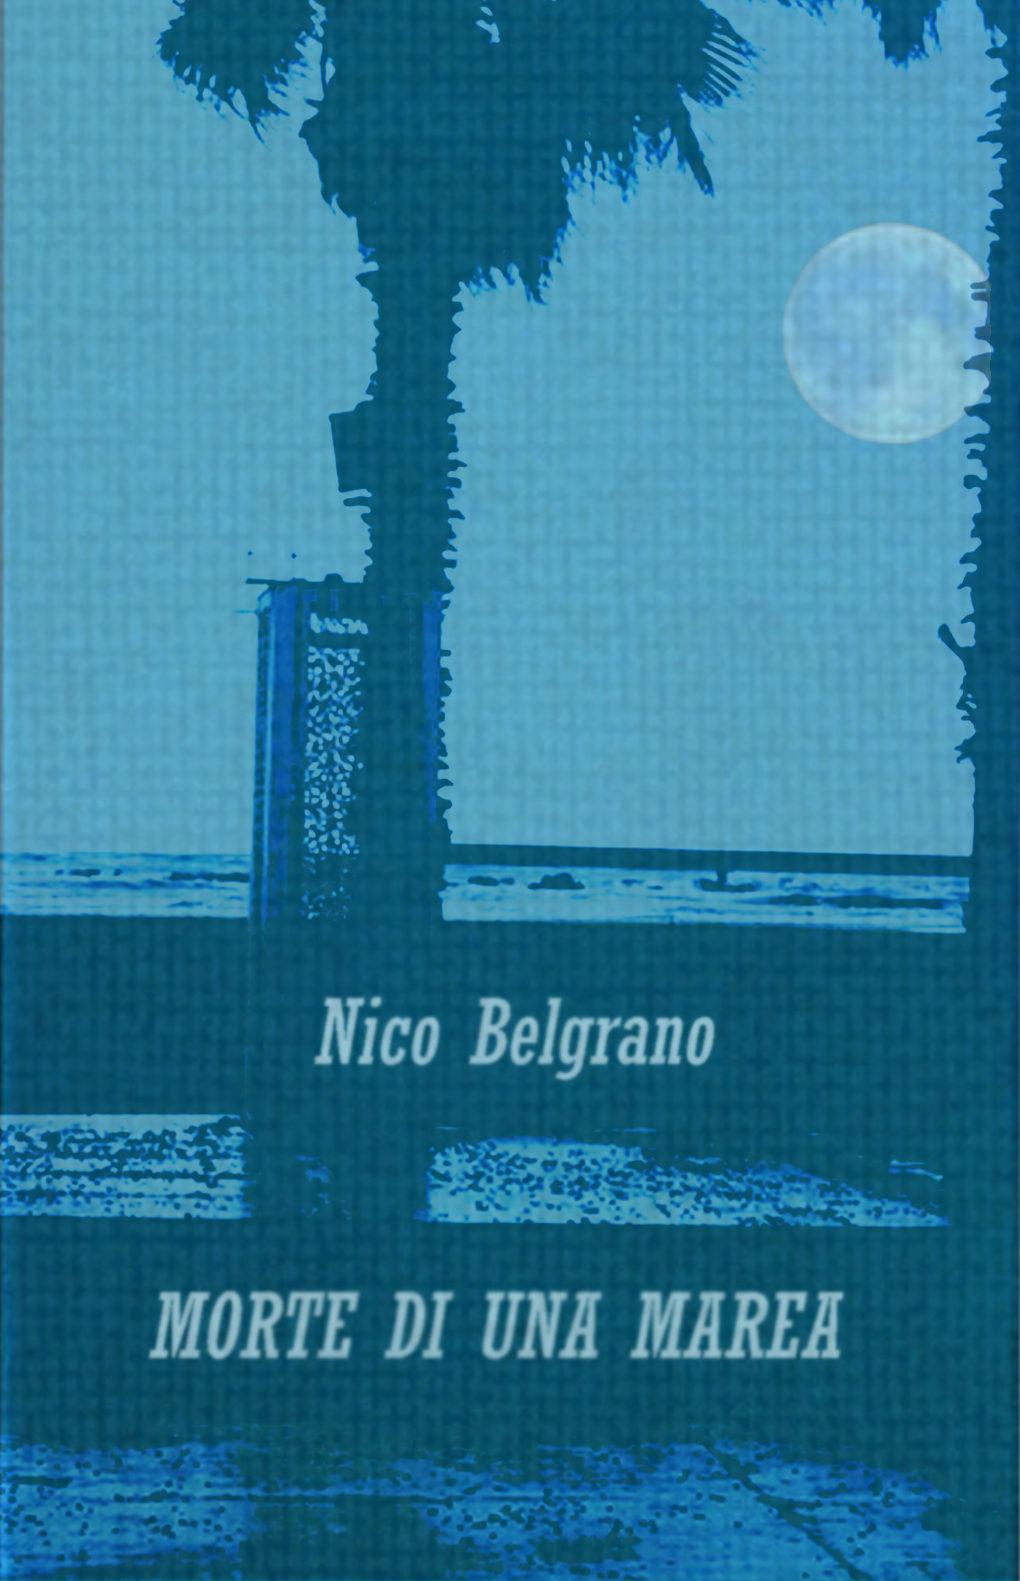 Morte di una marea(Cover)